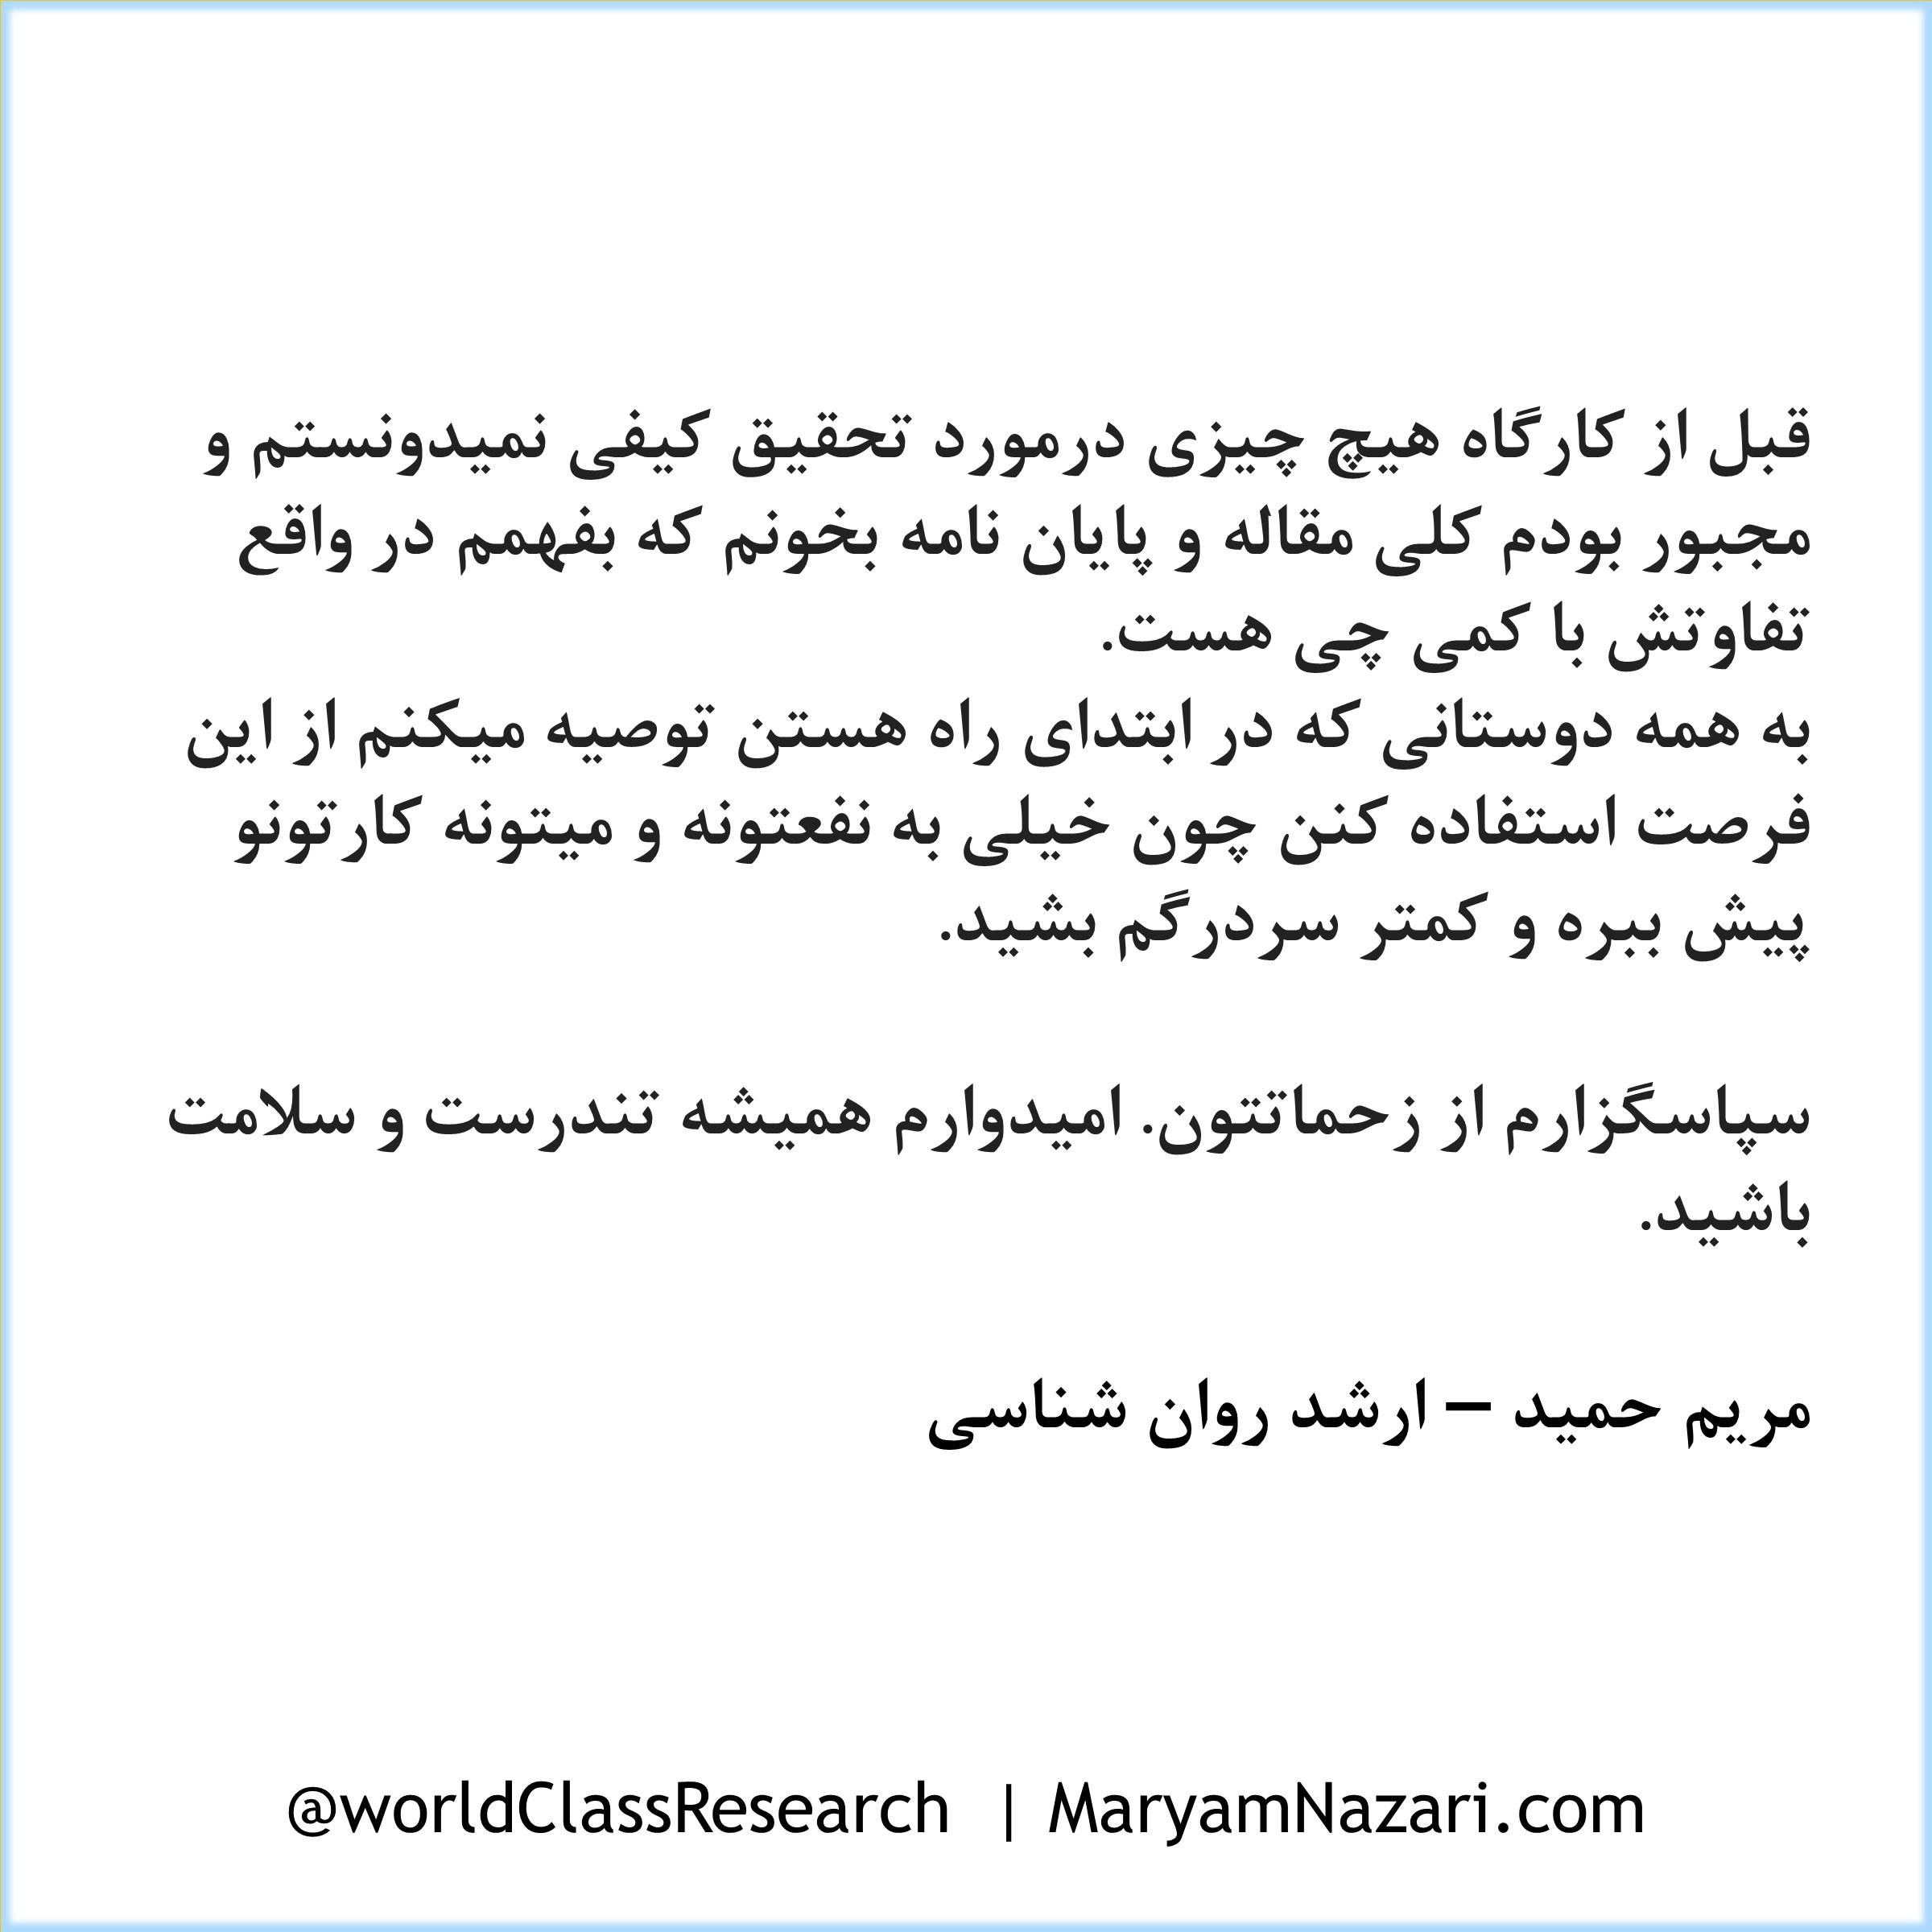 بازخورد خانم مریم حمید درباره کارگاه پژوهش کیفی